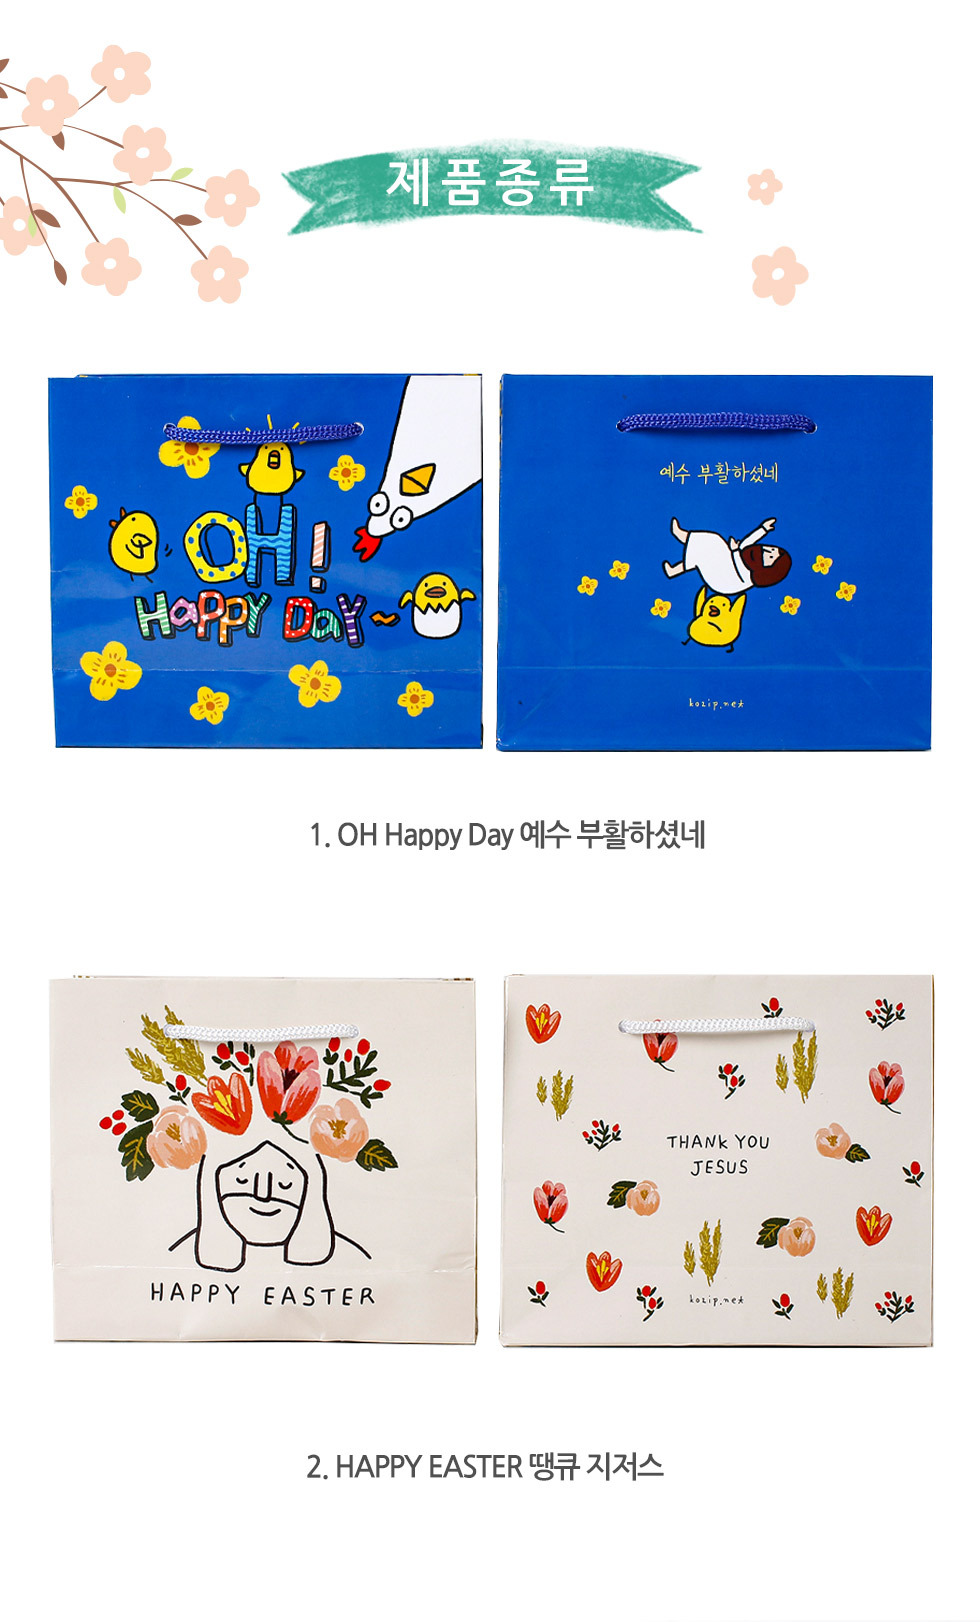 부활절 쇼핑백(small) 오해피데이 & 해피이스터 제품종류